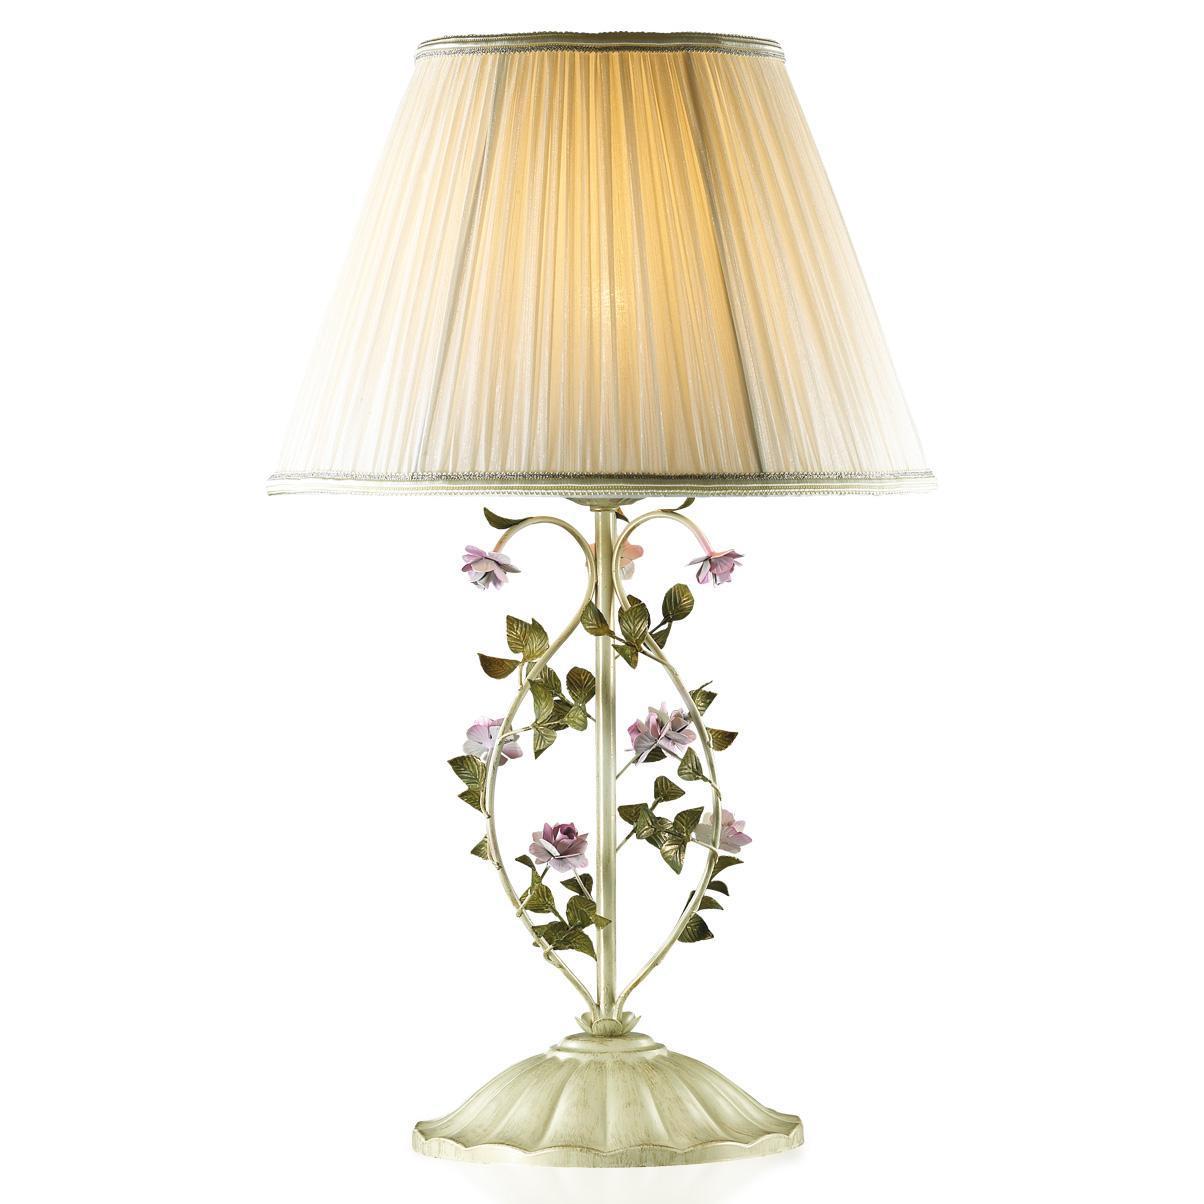 Настольная лампа Odeon Light Tender 2796/1T настольная лампа odeon light tender 2796 1t